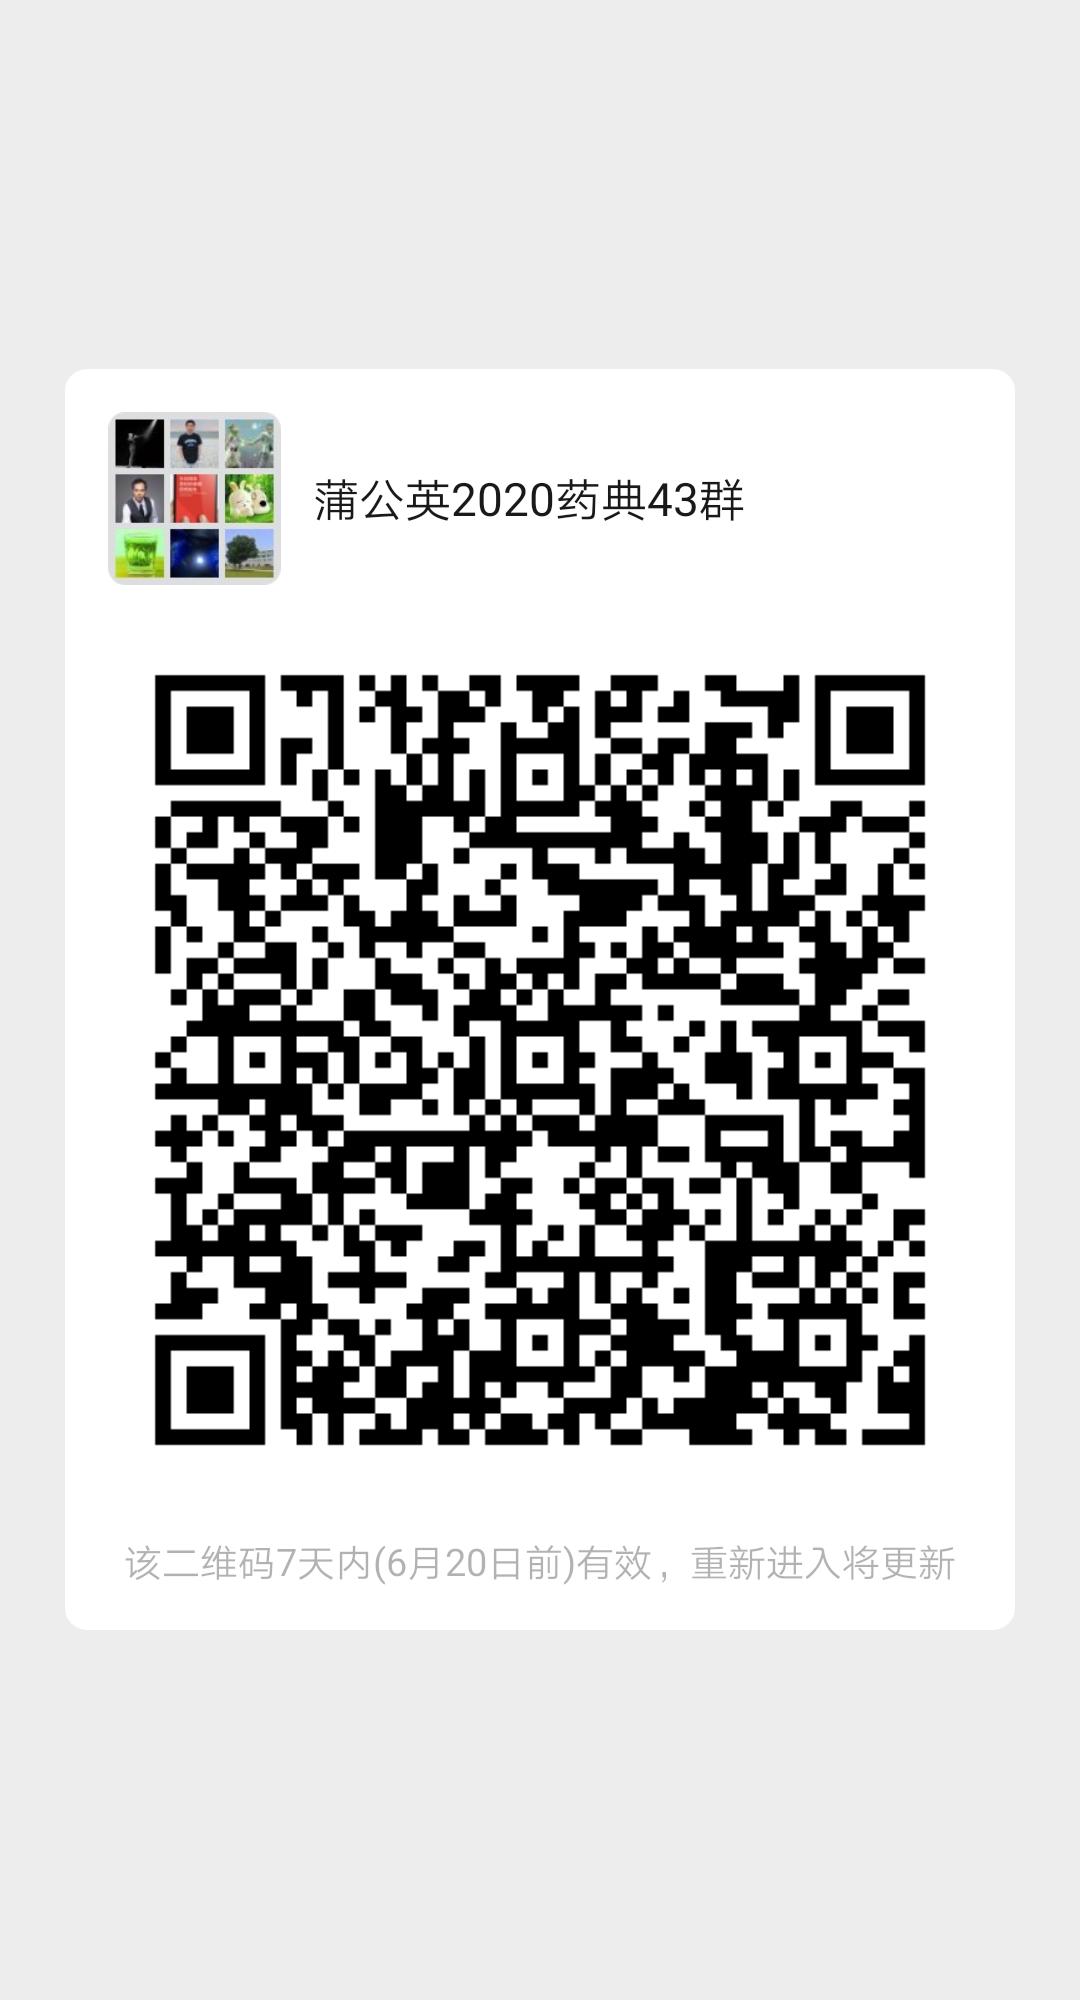 微信图片_20200613141957.png